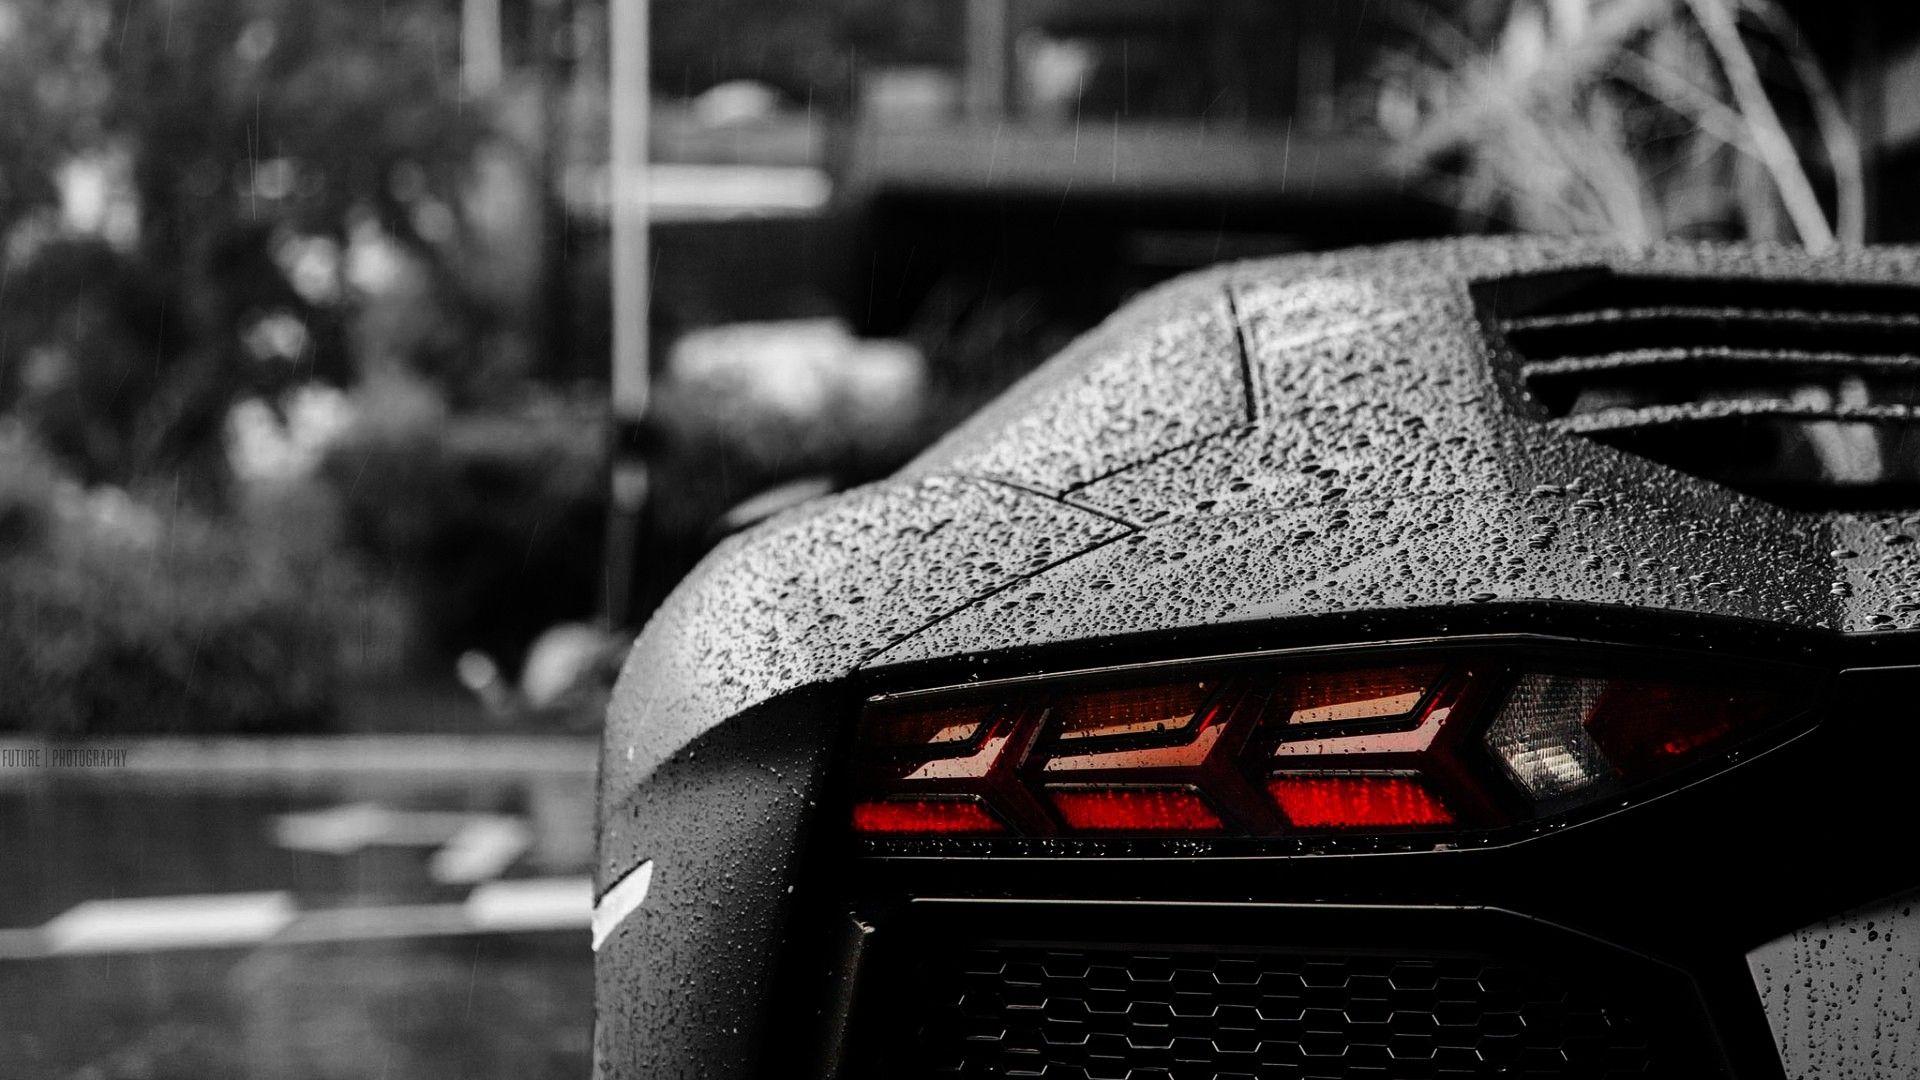 Today S Menu Selective Coloring Lamborghini Lamborghini Aventador Lamborghini Cars